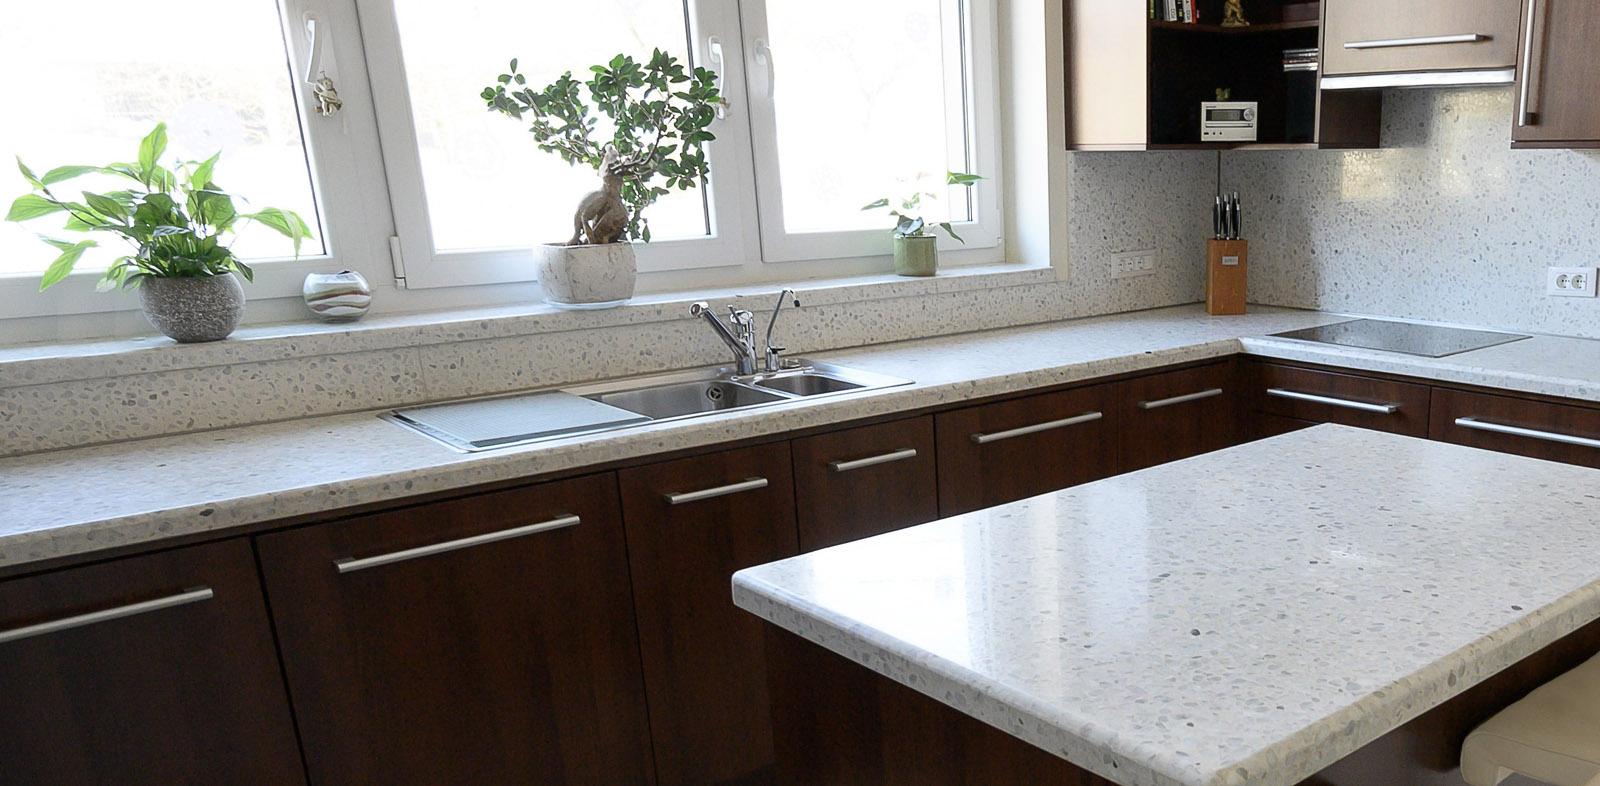 2-kuhinjski-pult-miza-iz-betona